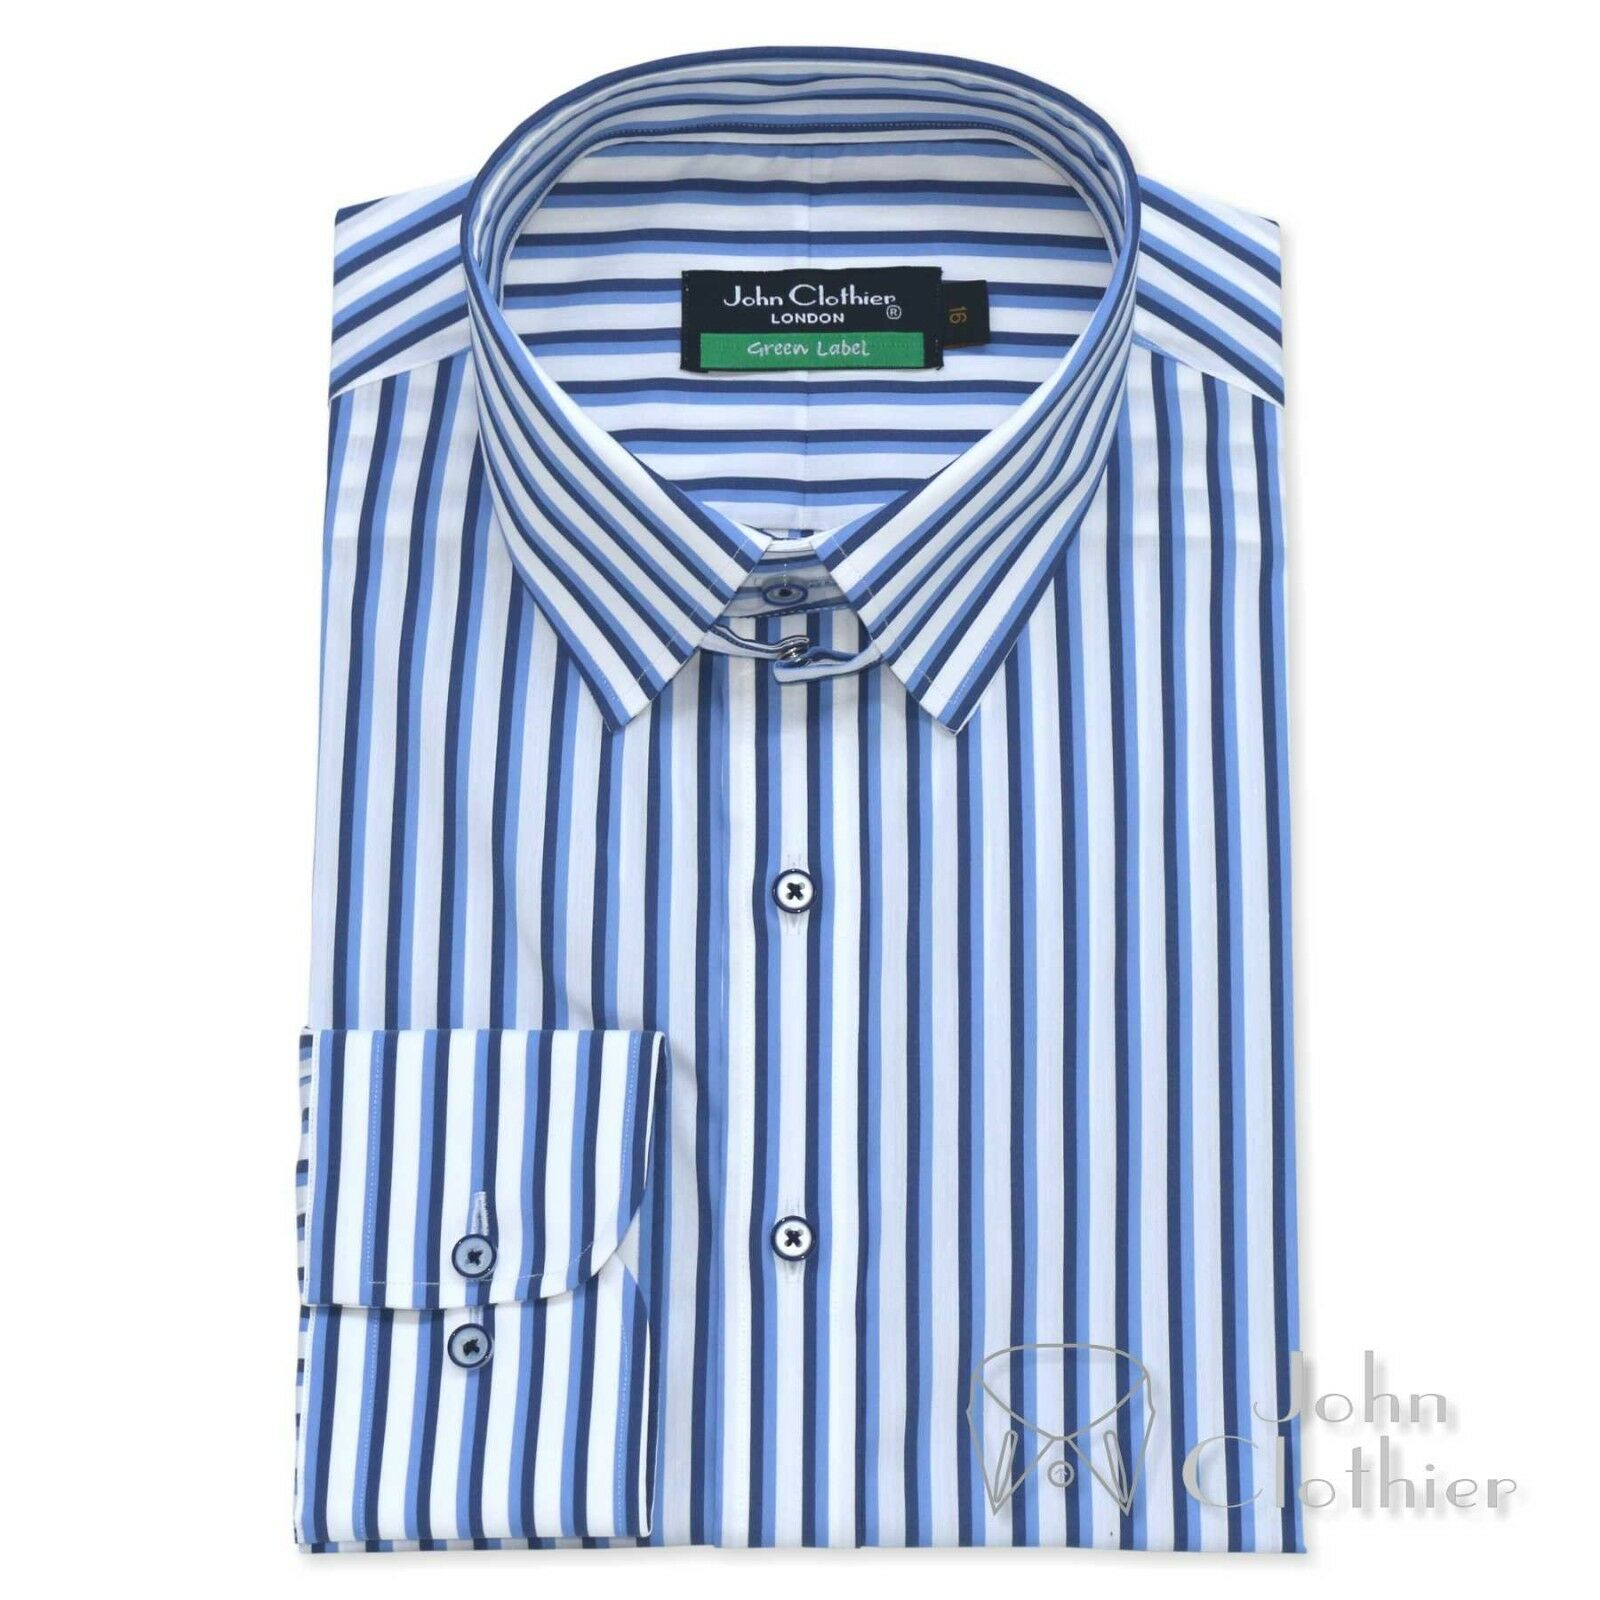 NEU Herren Baumwollhemd Tab Kragen blau schwarze Streifen Schlaufe James Bond